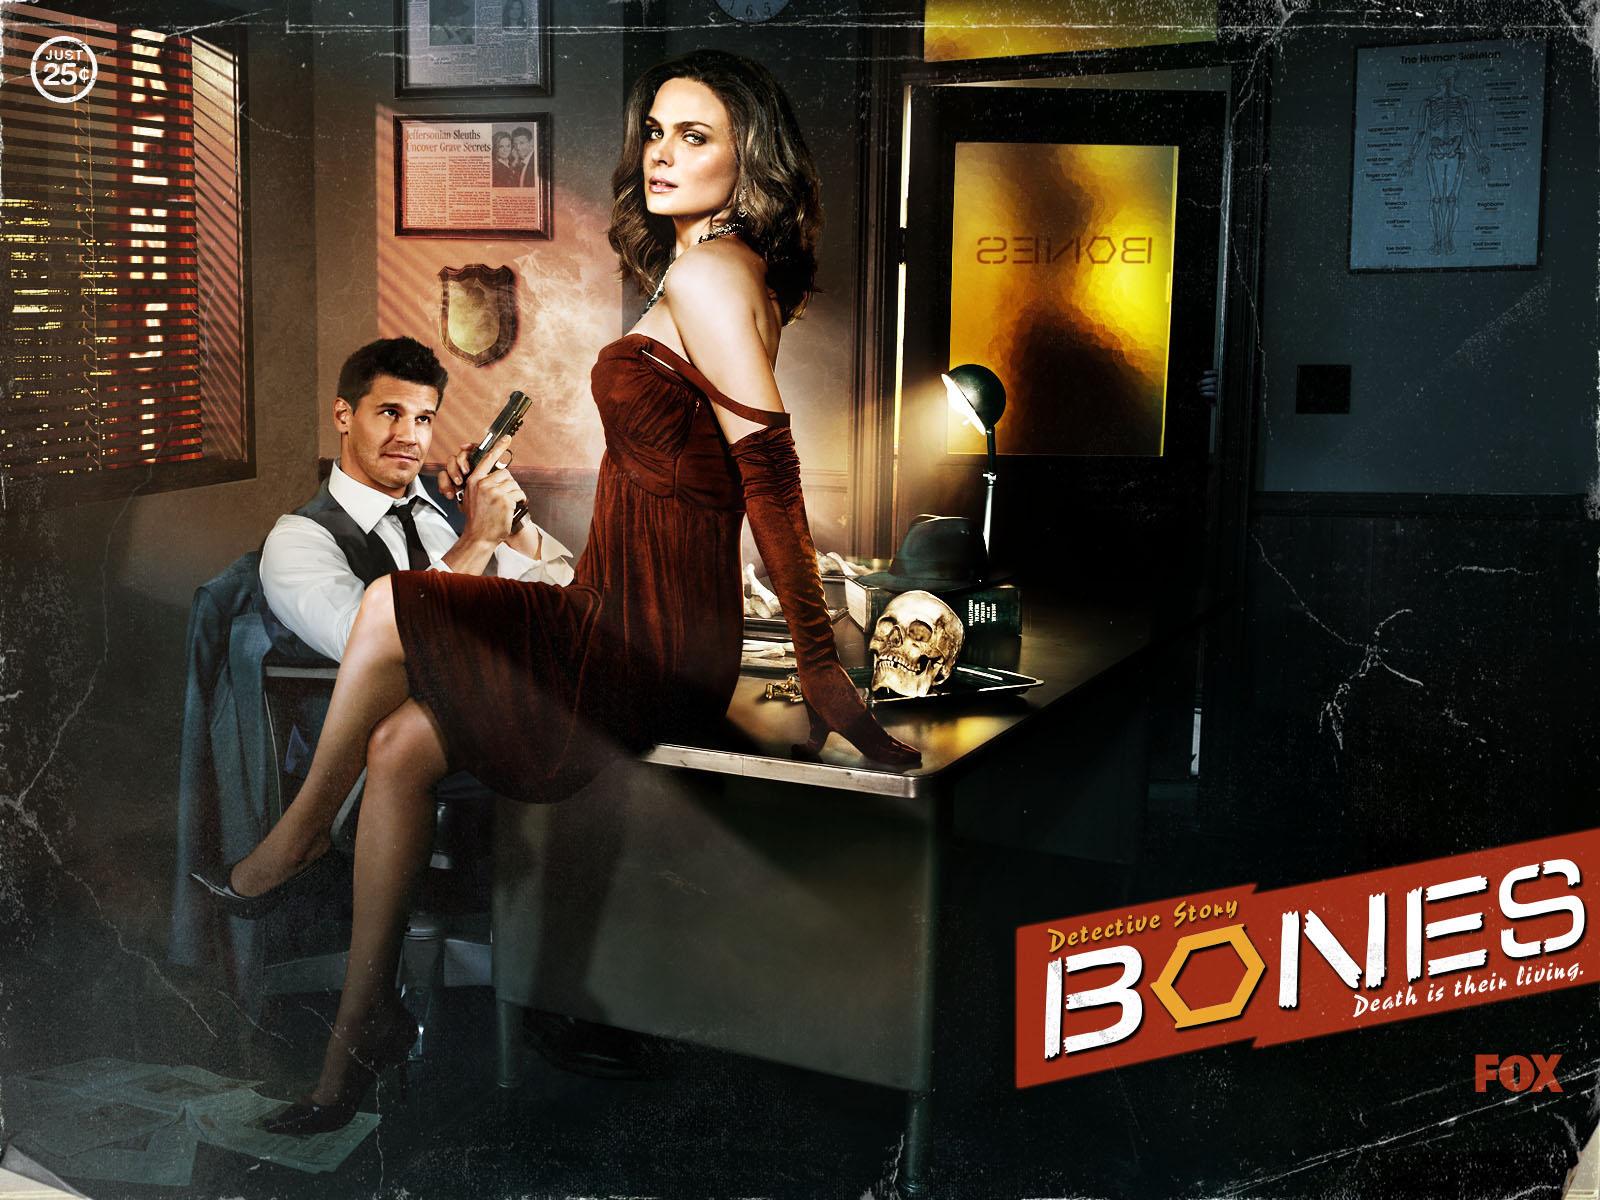 http://1.bp.blogspot.com/_2U3U6AwE-ZQ/TJiEddAlHuI/AAAAAAAAAYo/OdwxMAwk4qM/s1600/bones-003(www.TheWallpapers.org).jpg